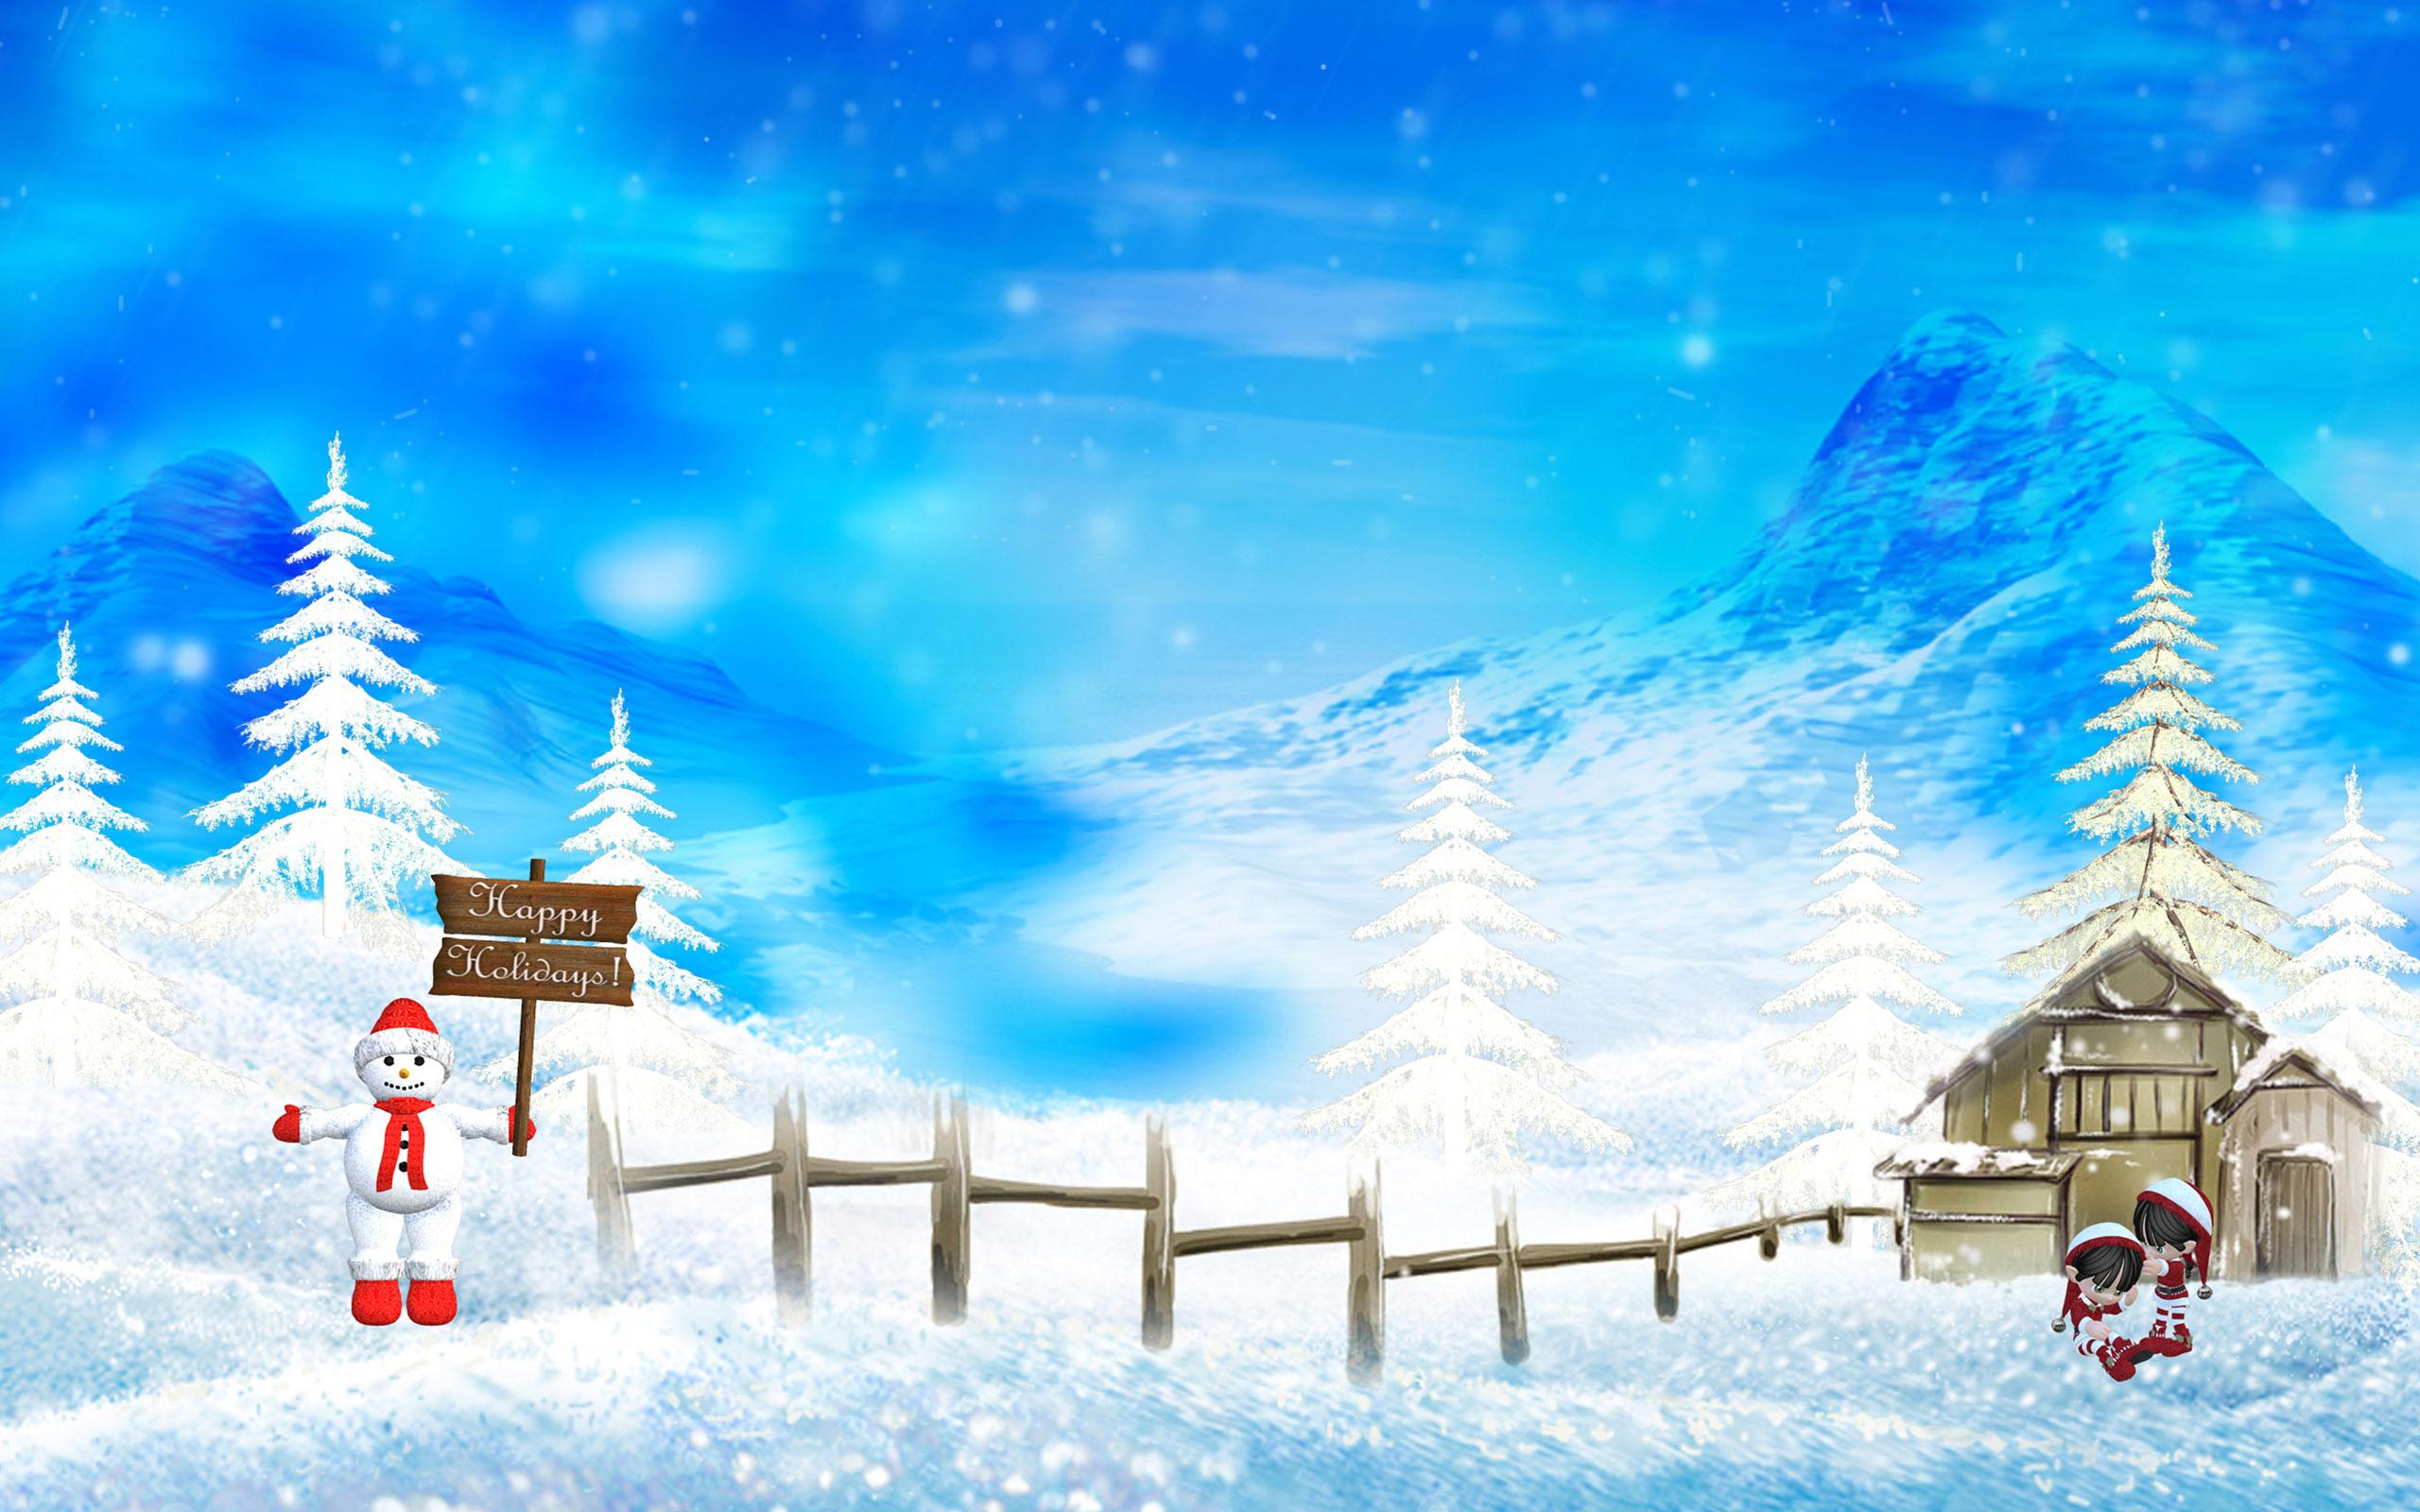 Doznajte sretne dane prosinca na osnovu Vašeg horoskopa!